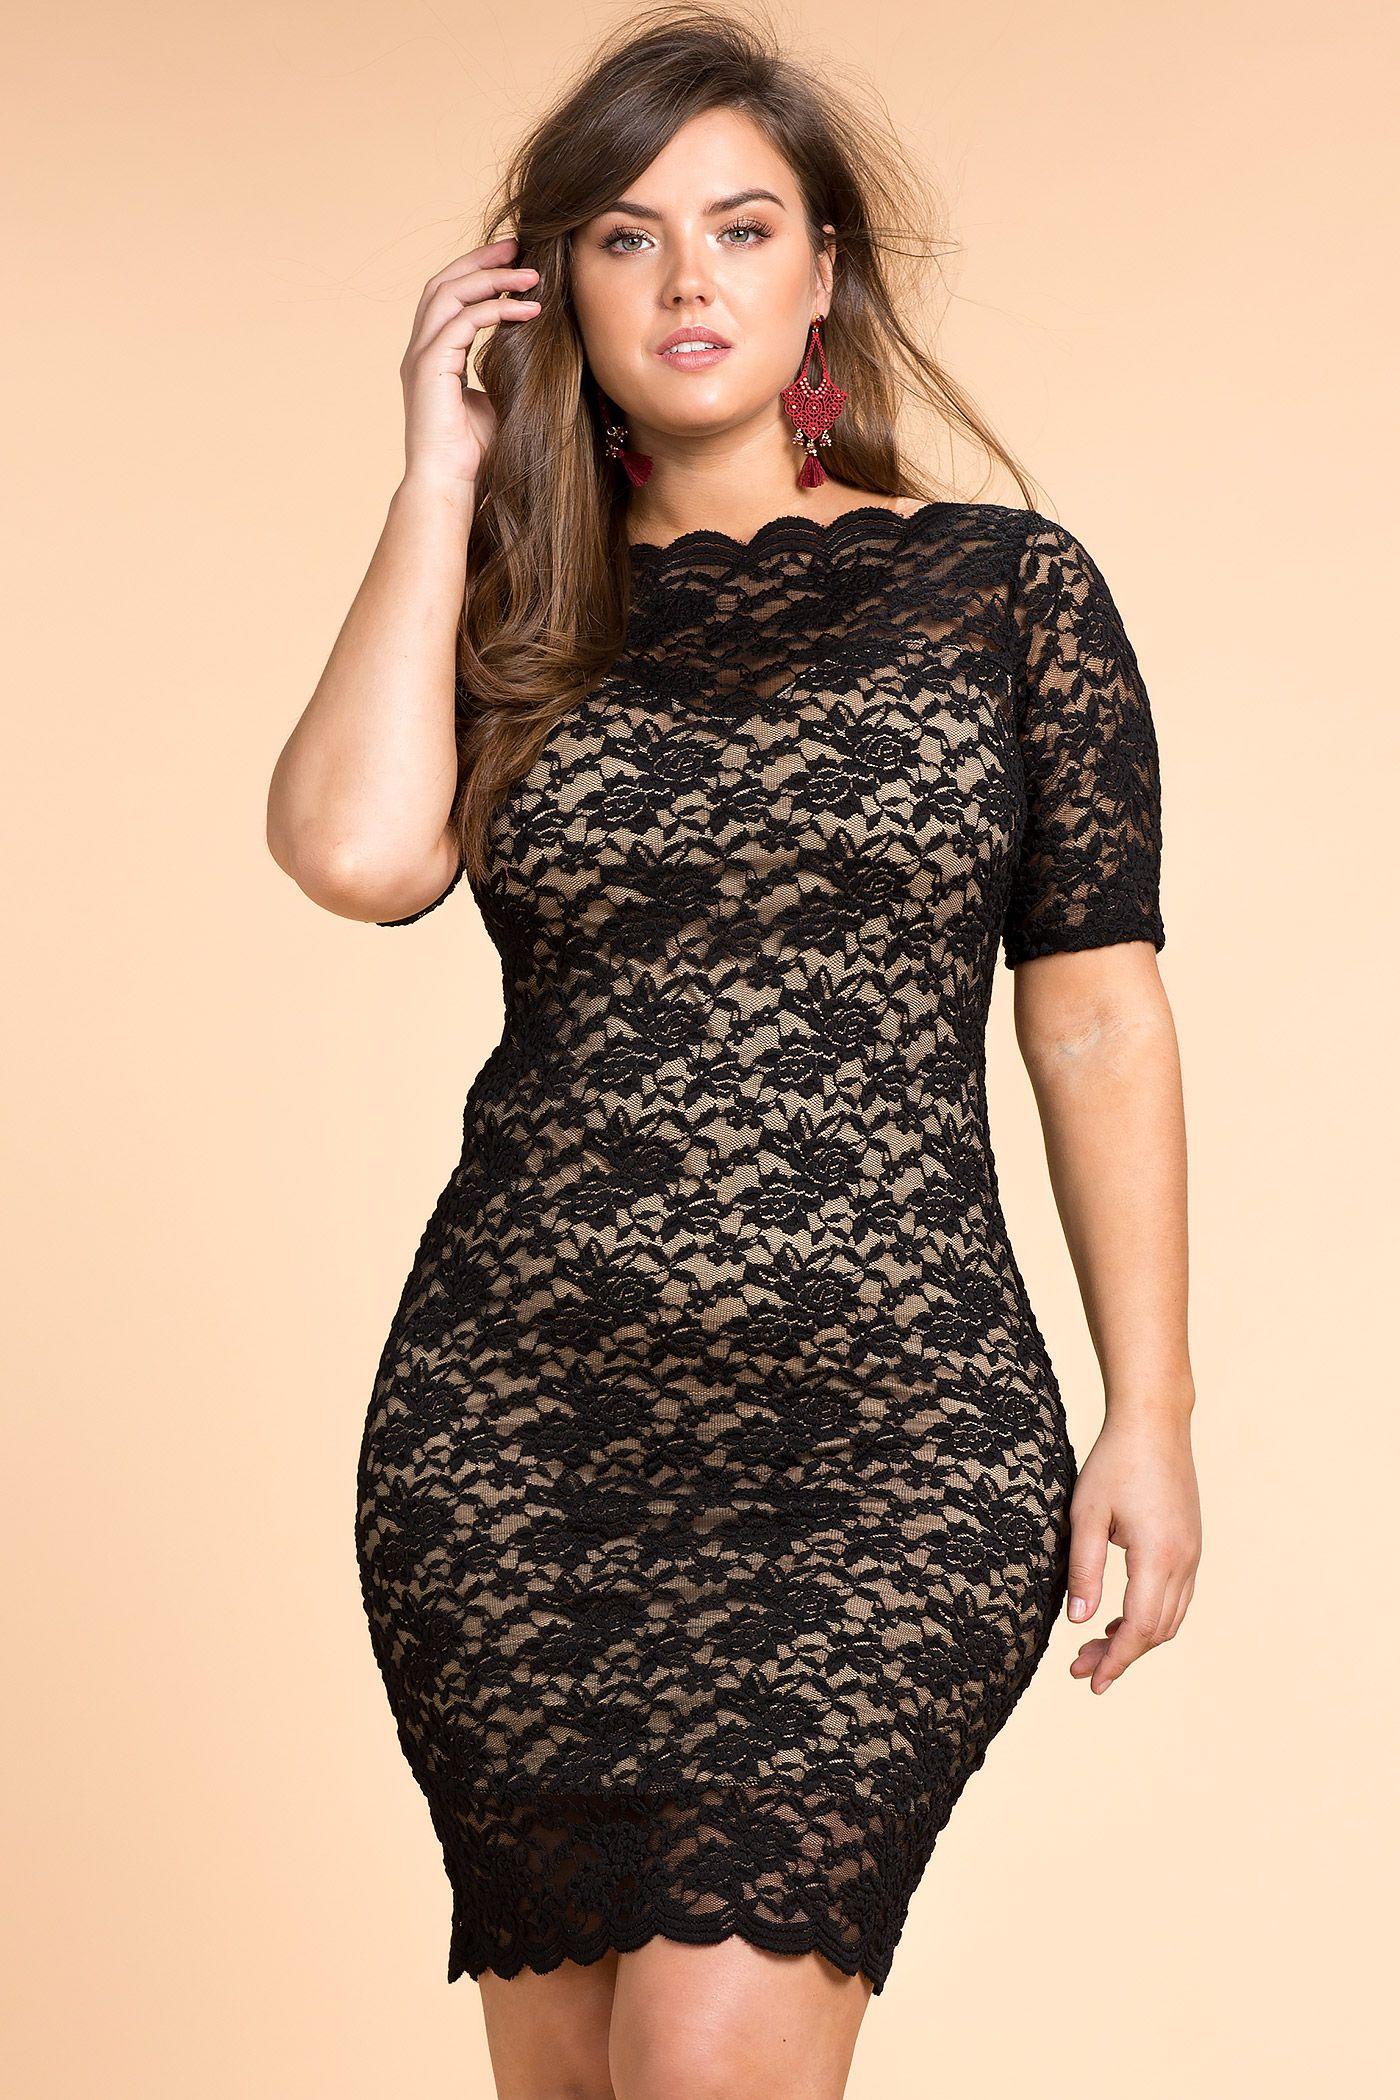 women's plus size bodycon dresses | saundra off shoulder lace